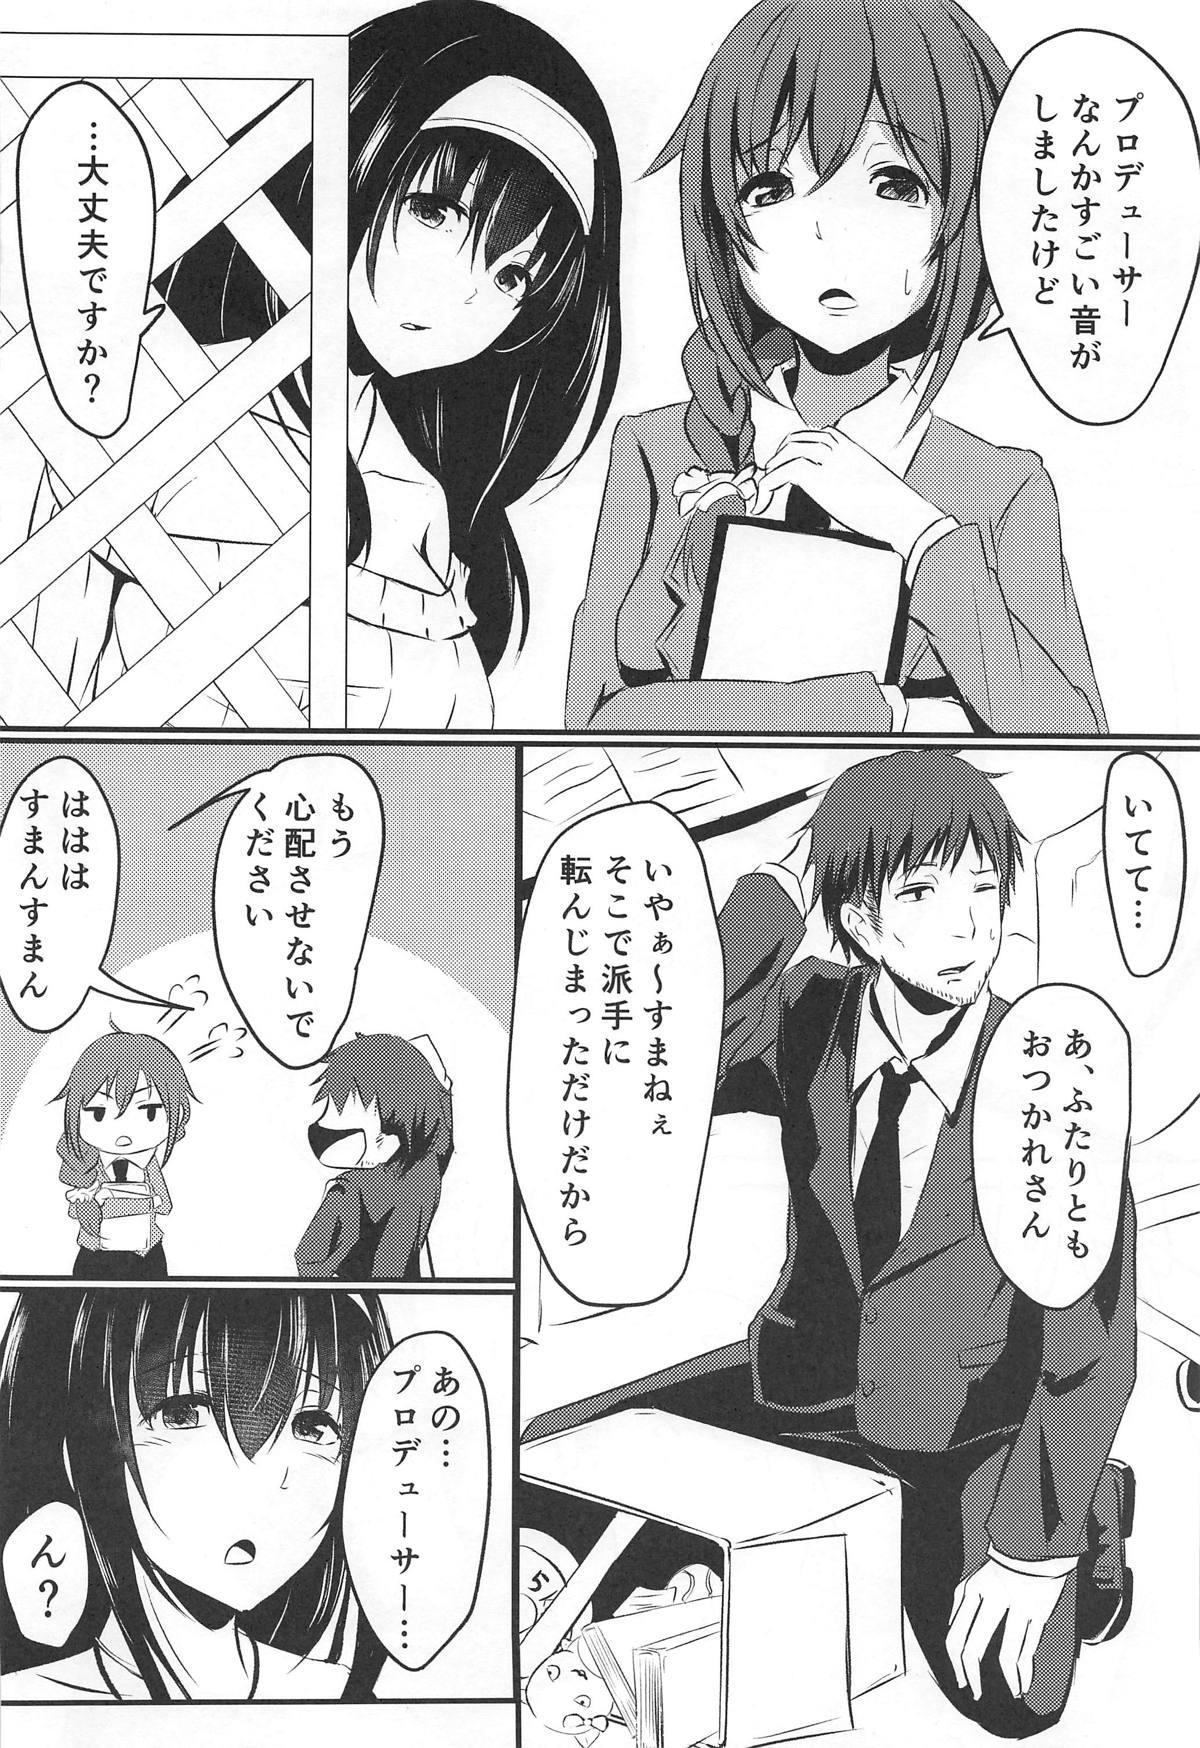 Sagisawa-san Nani Shiterun desu ka? 2